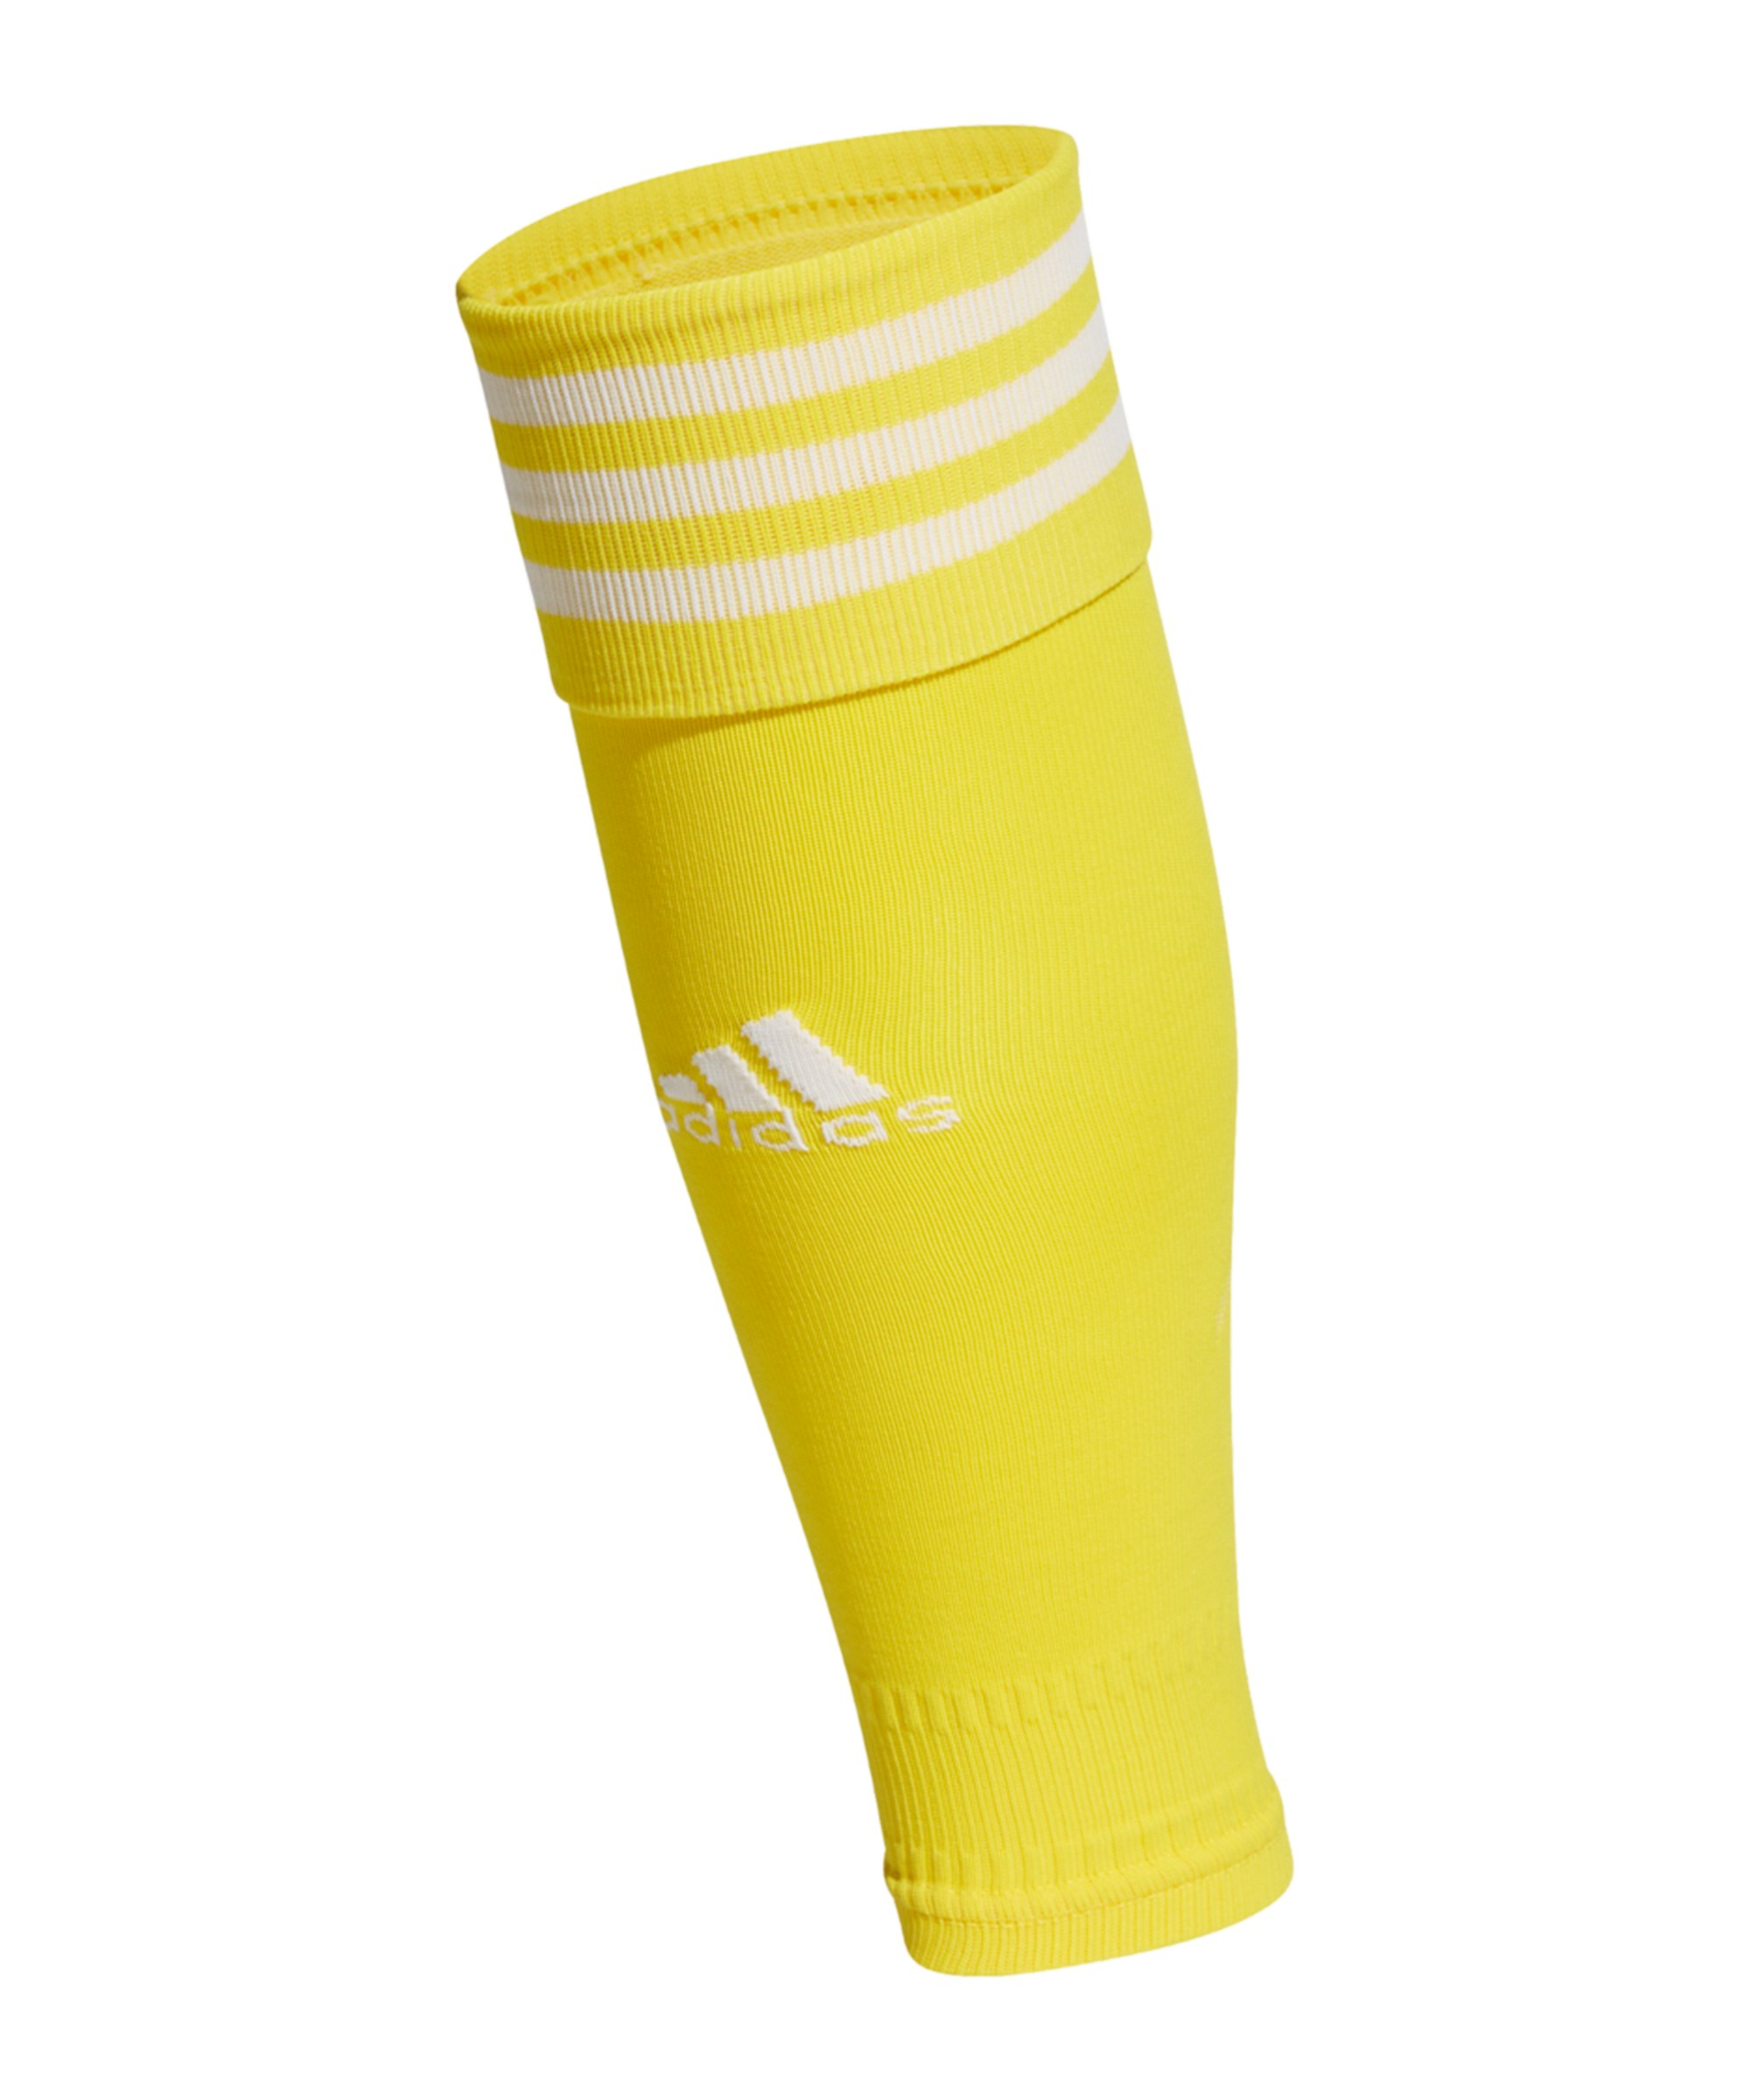 adidas Compression Sleeve Gelb Weiss - gelb